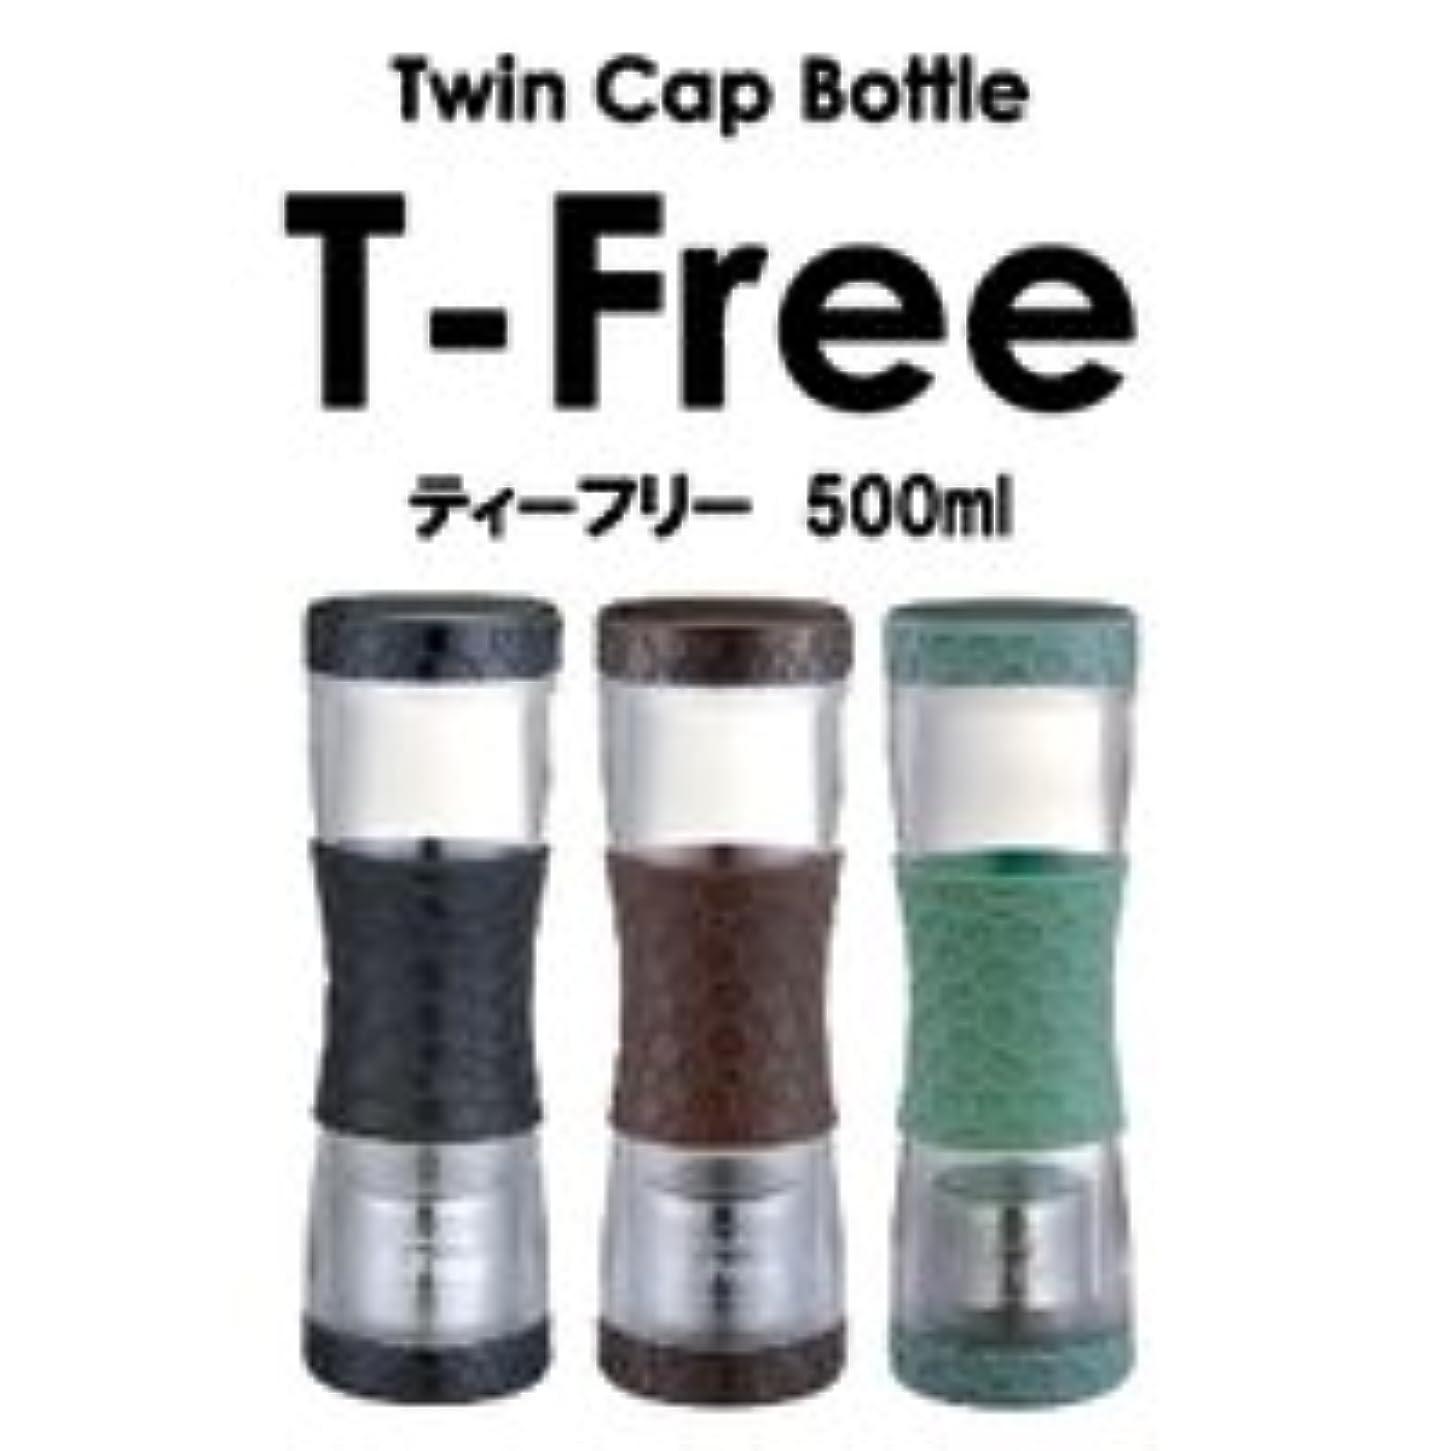 寛大ななんでも冒険家ティーフリー500ml T-Free (カラー:グリーン) ※使い方自由なツインキャップボトル